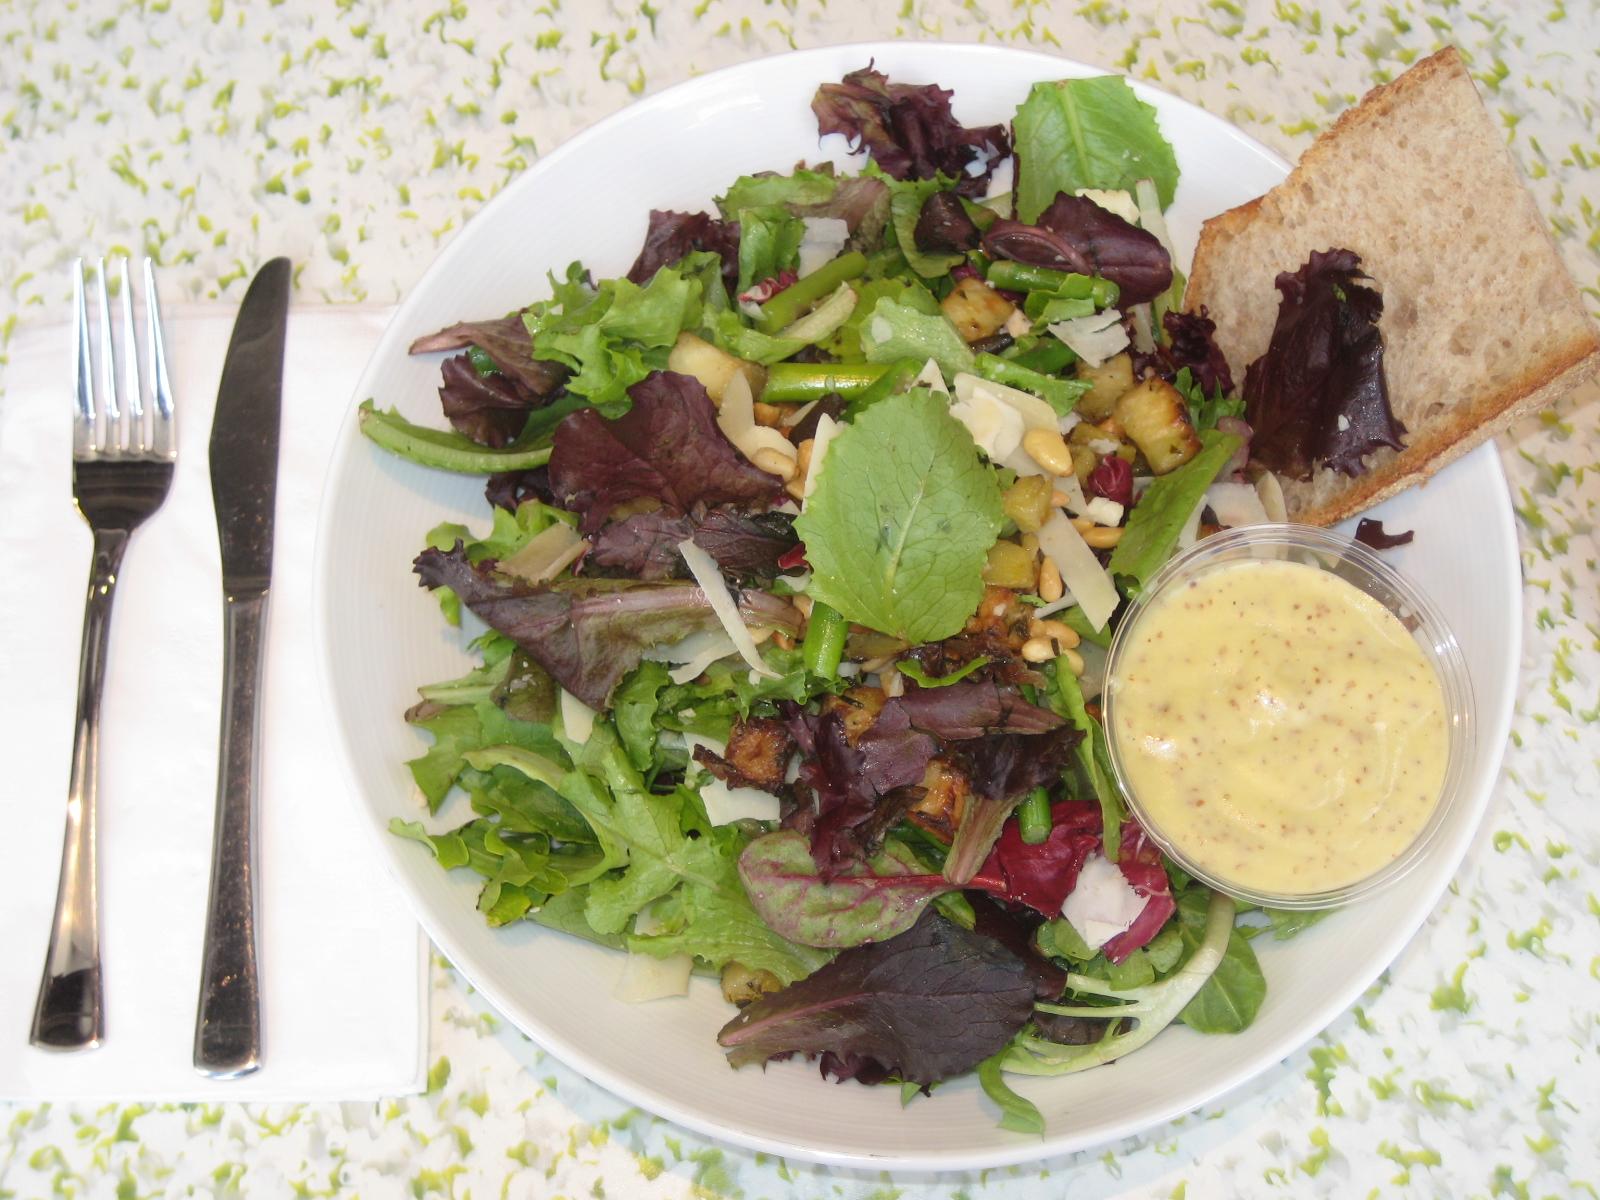 Mixt Greens Salad